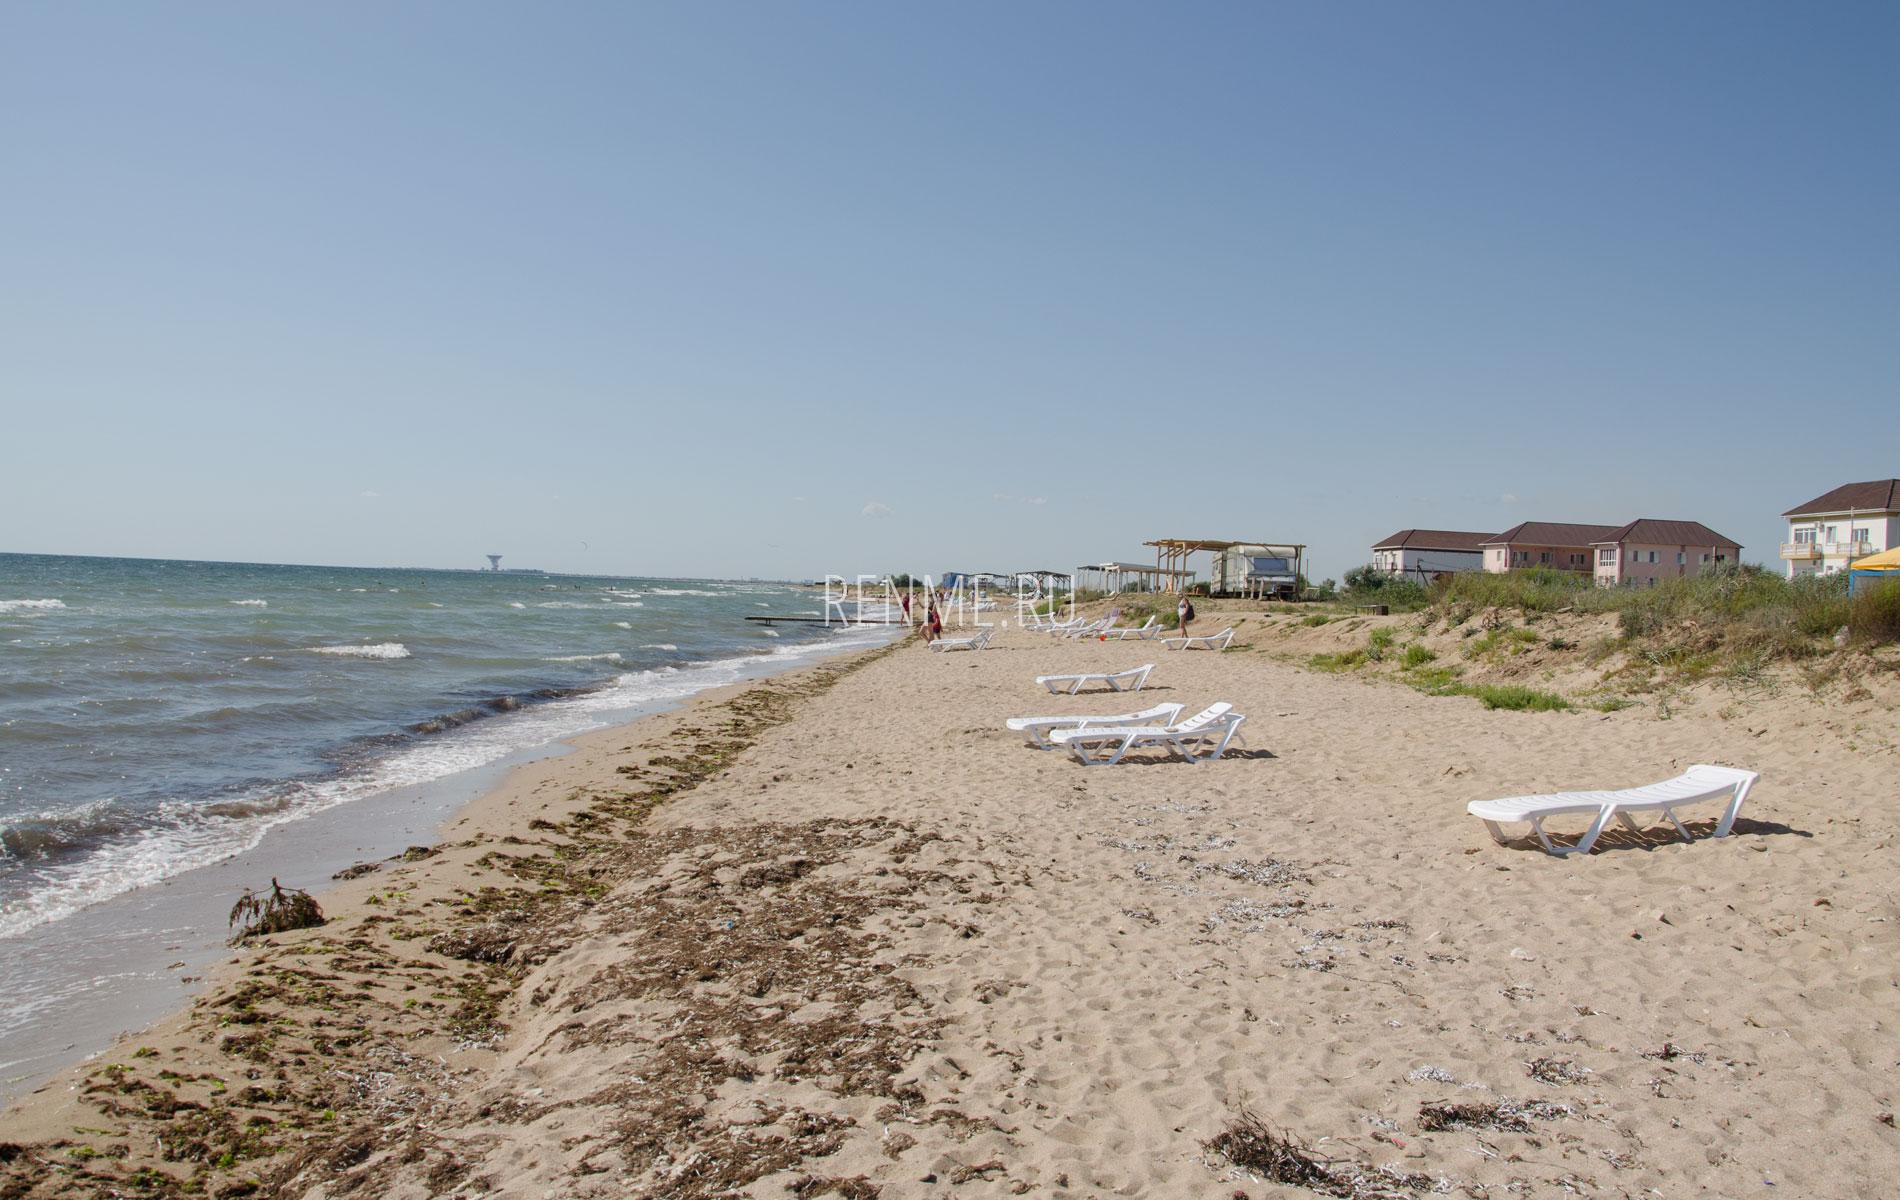 Дикий пляж с удобствами СОЮЗ-2004. Фото Заозёрного